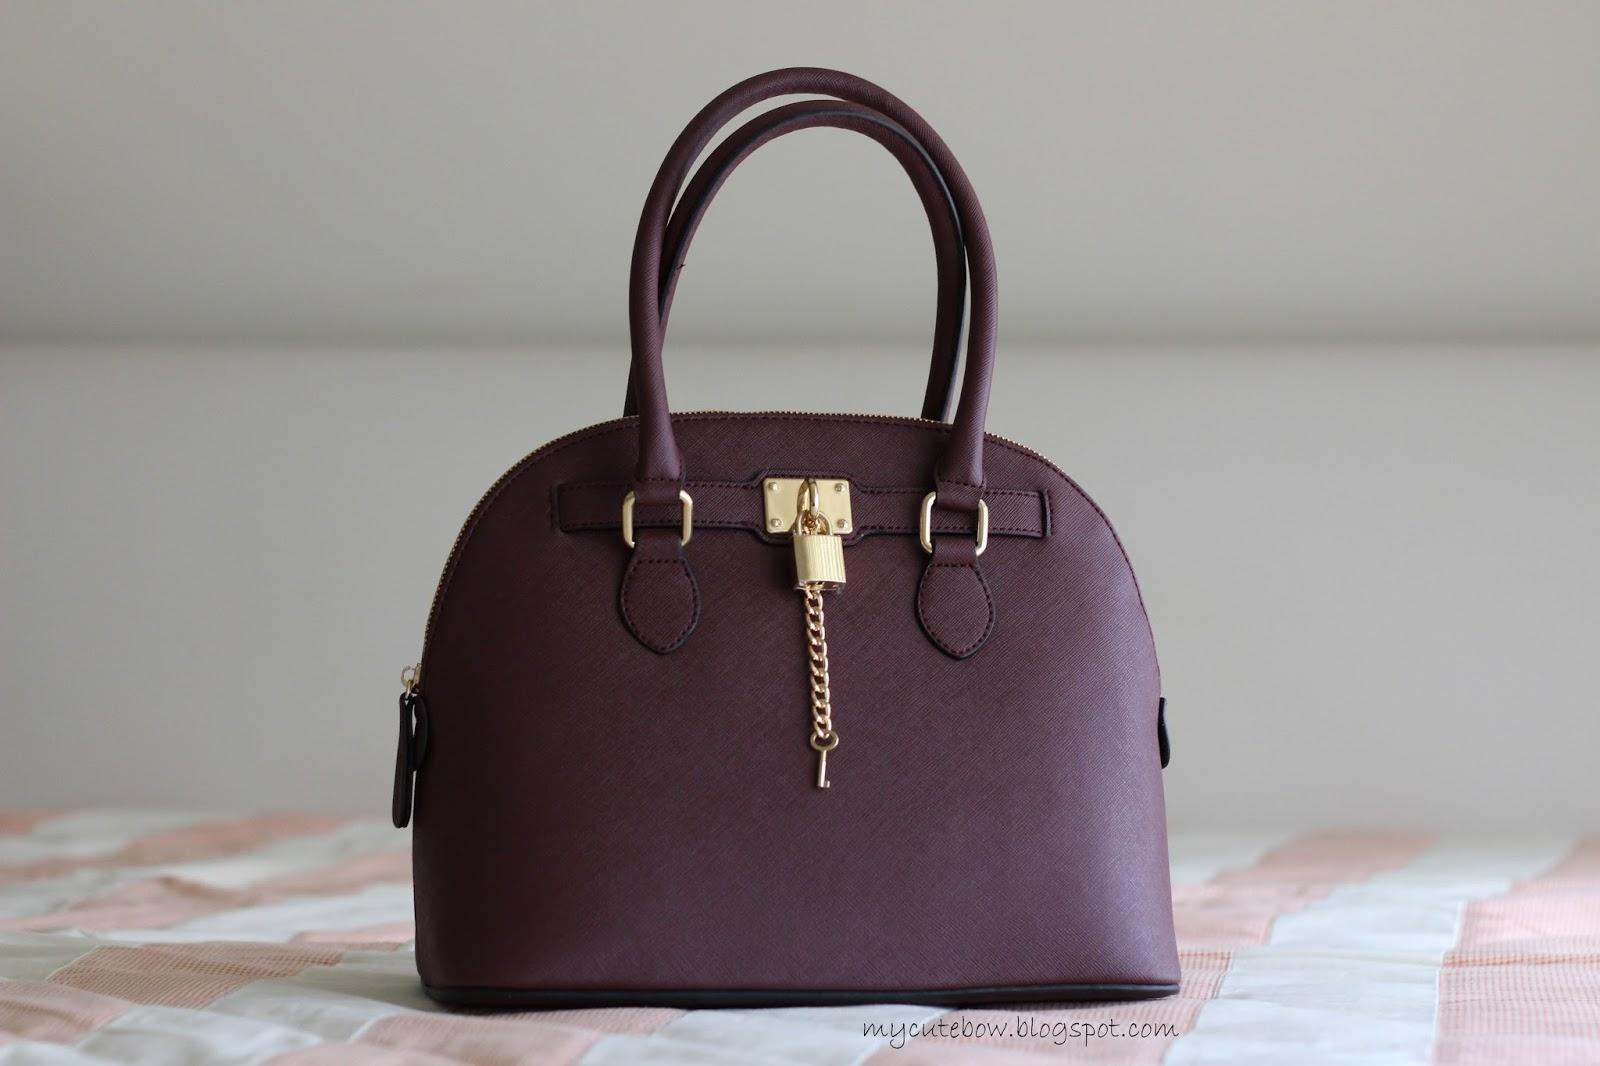 Similiar Bags